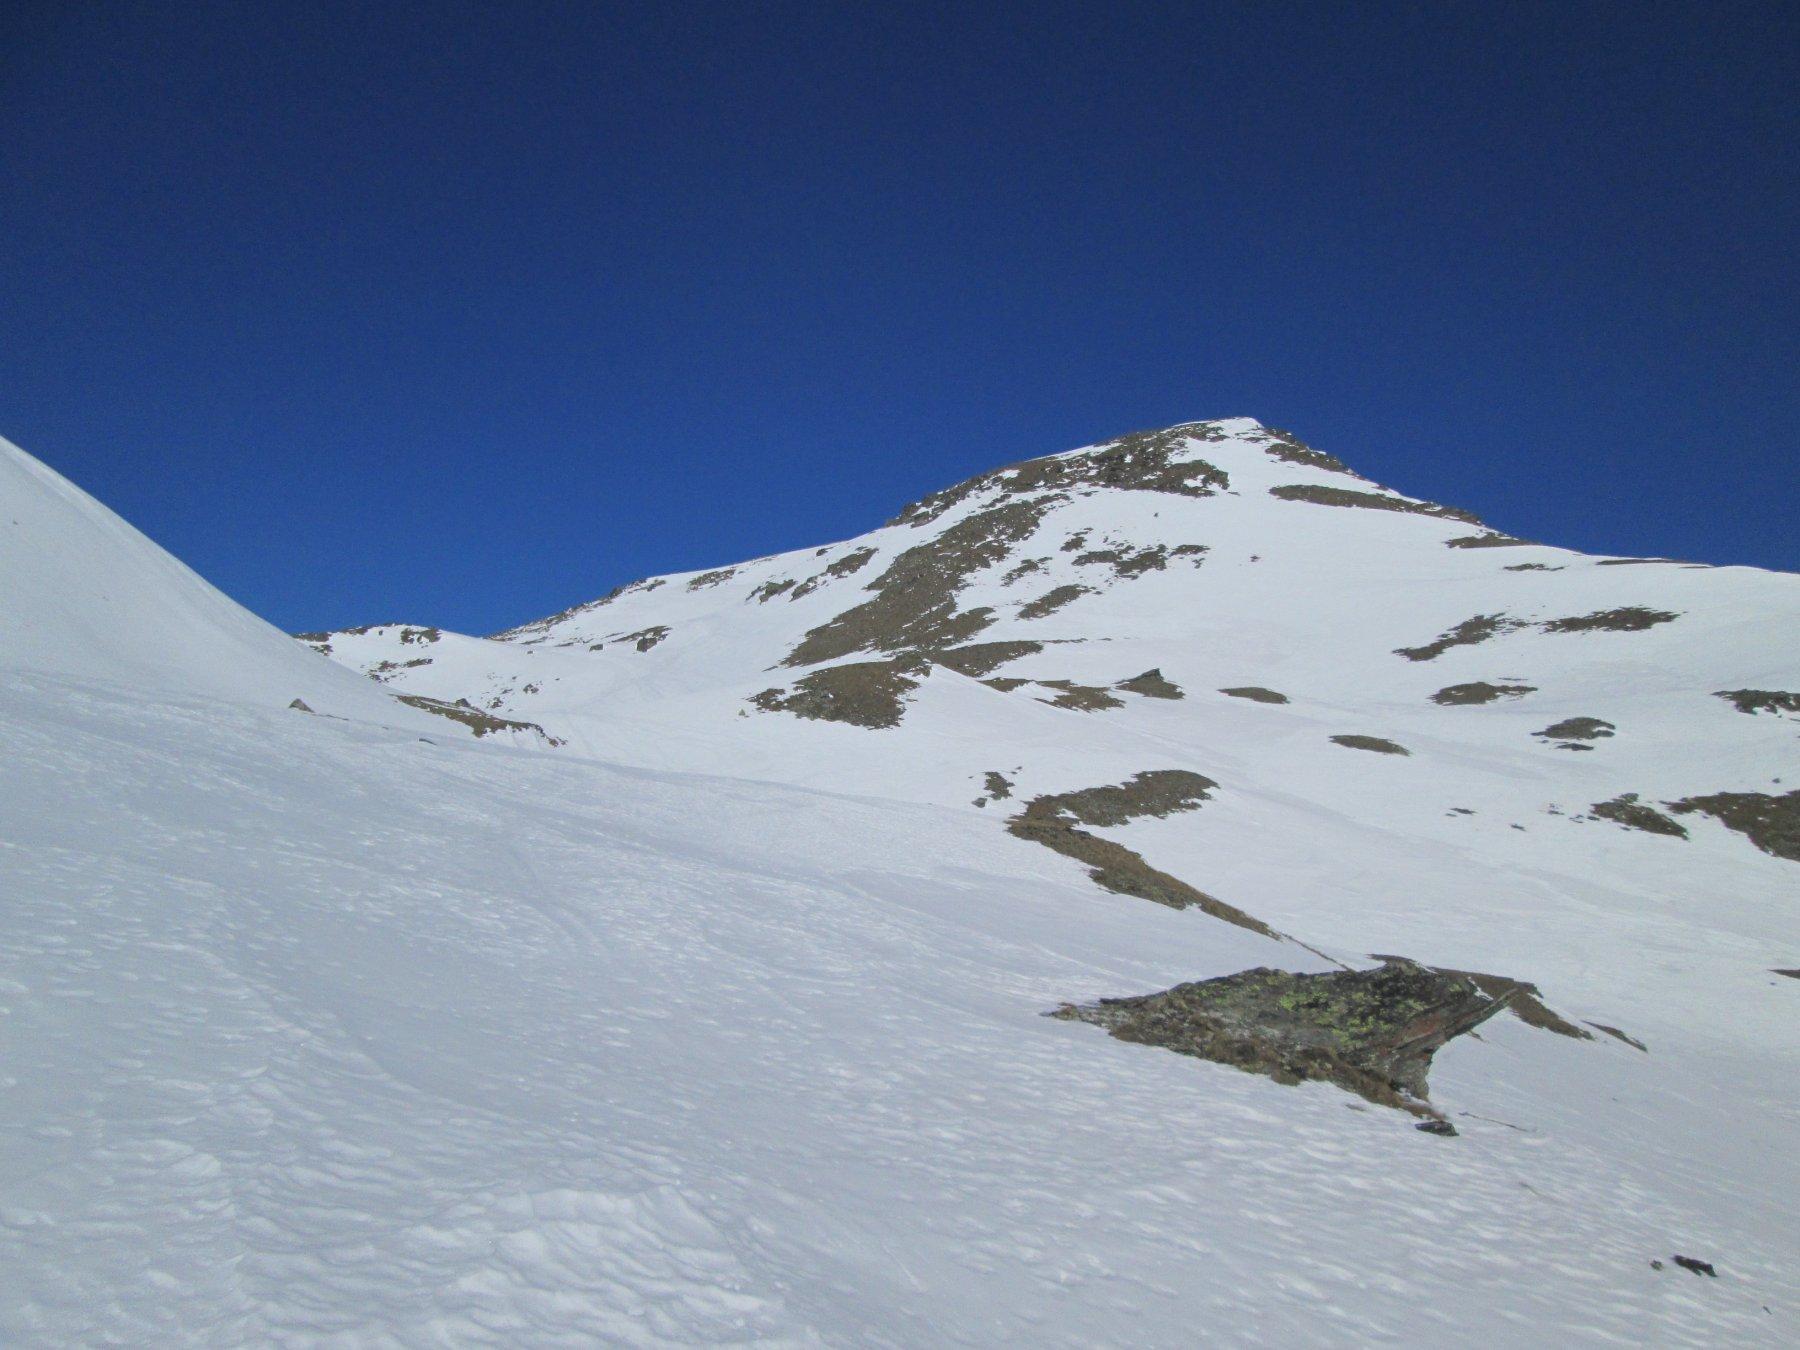 rocce affioranti, poca neve